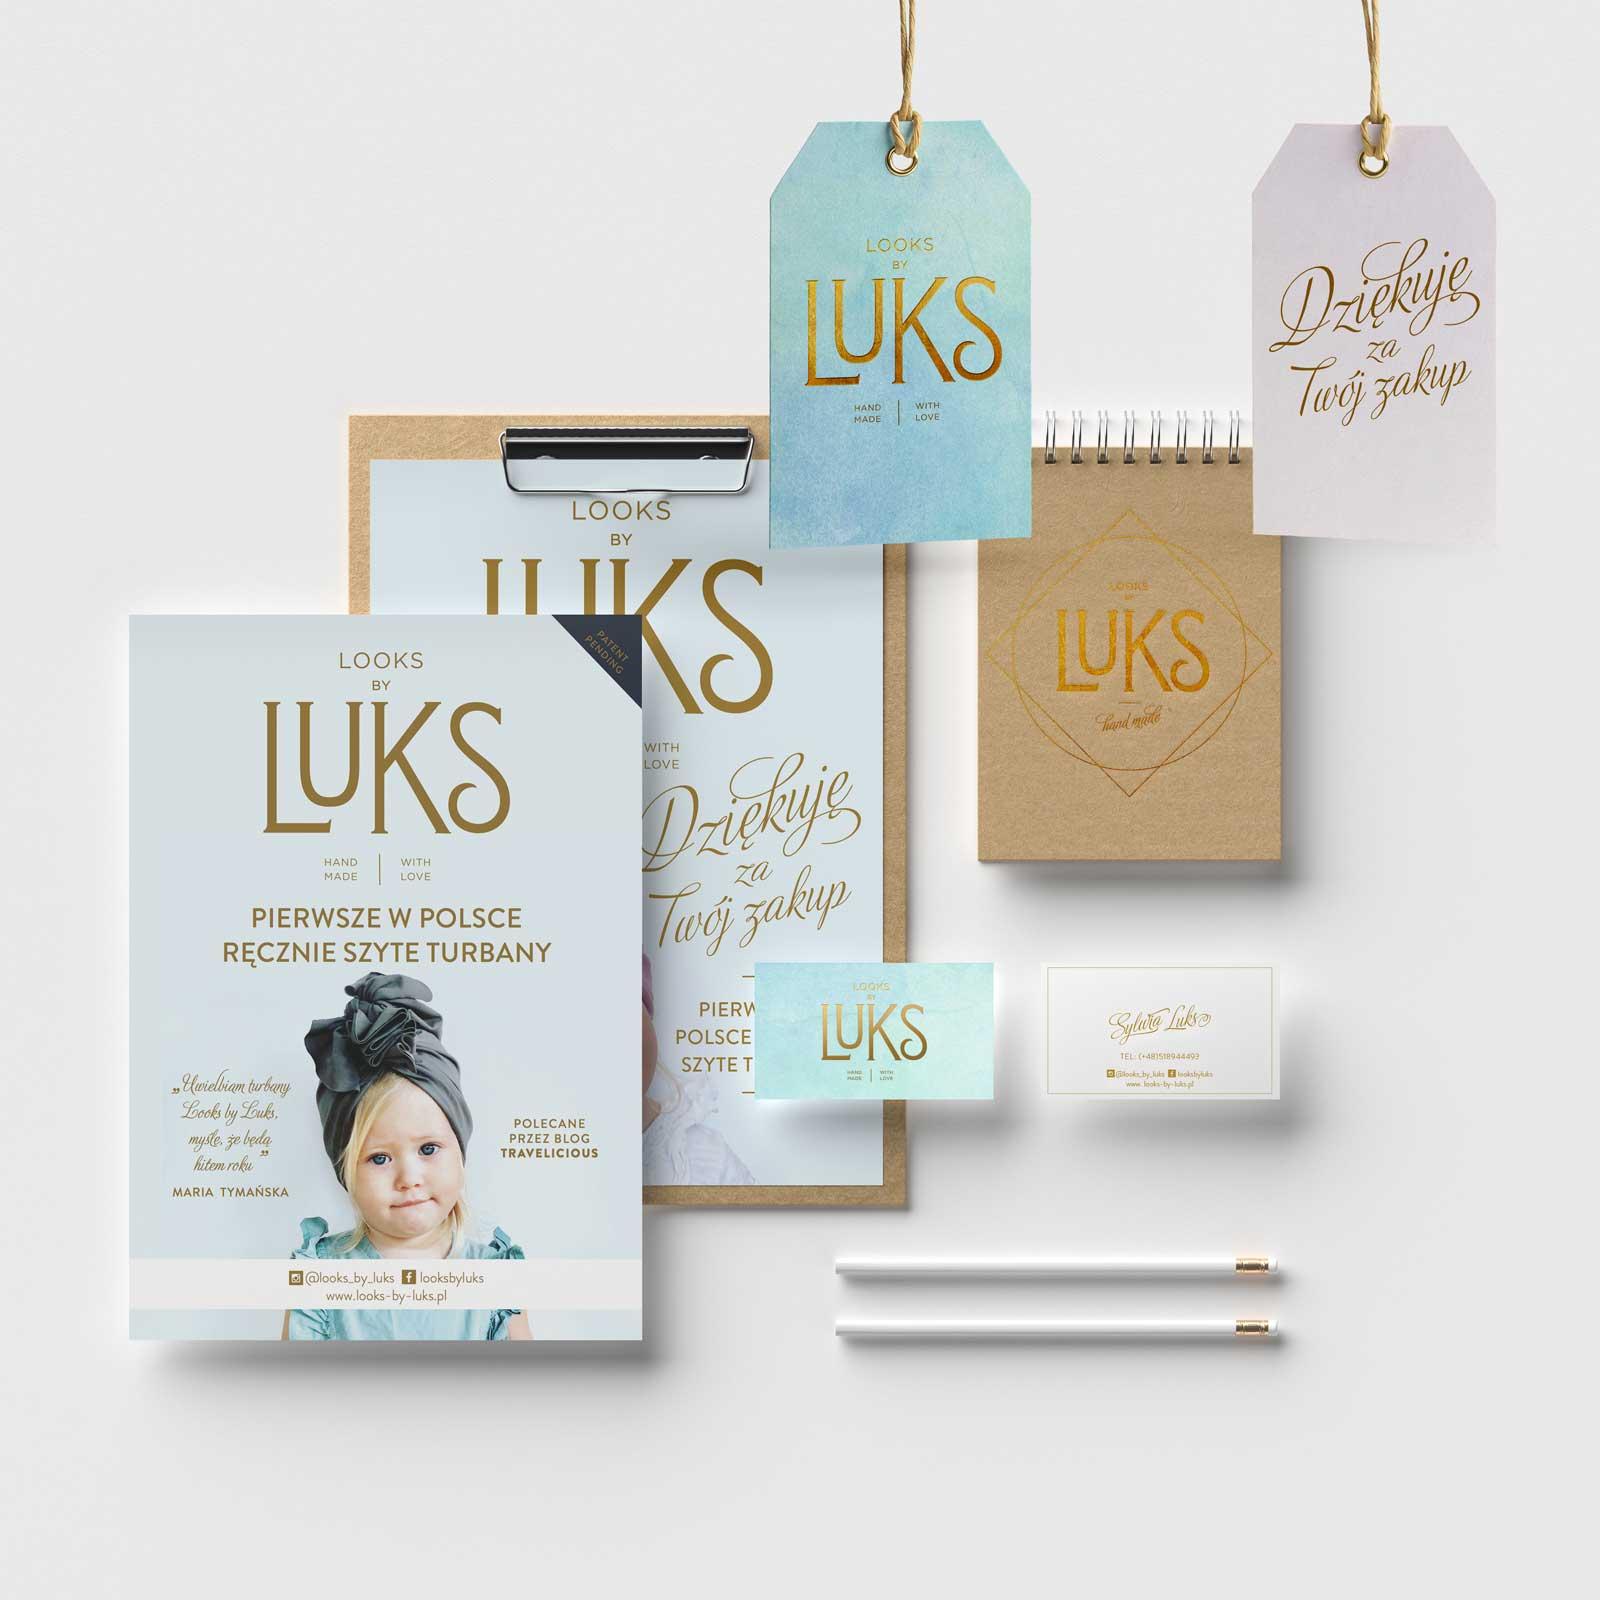 Luks-Mock-Up.jpg